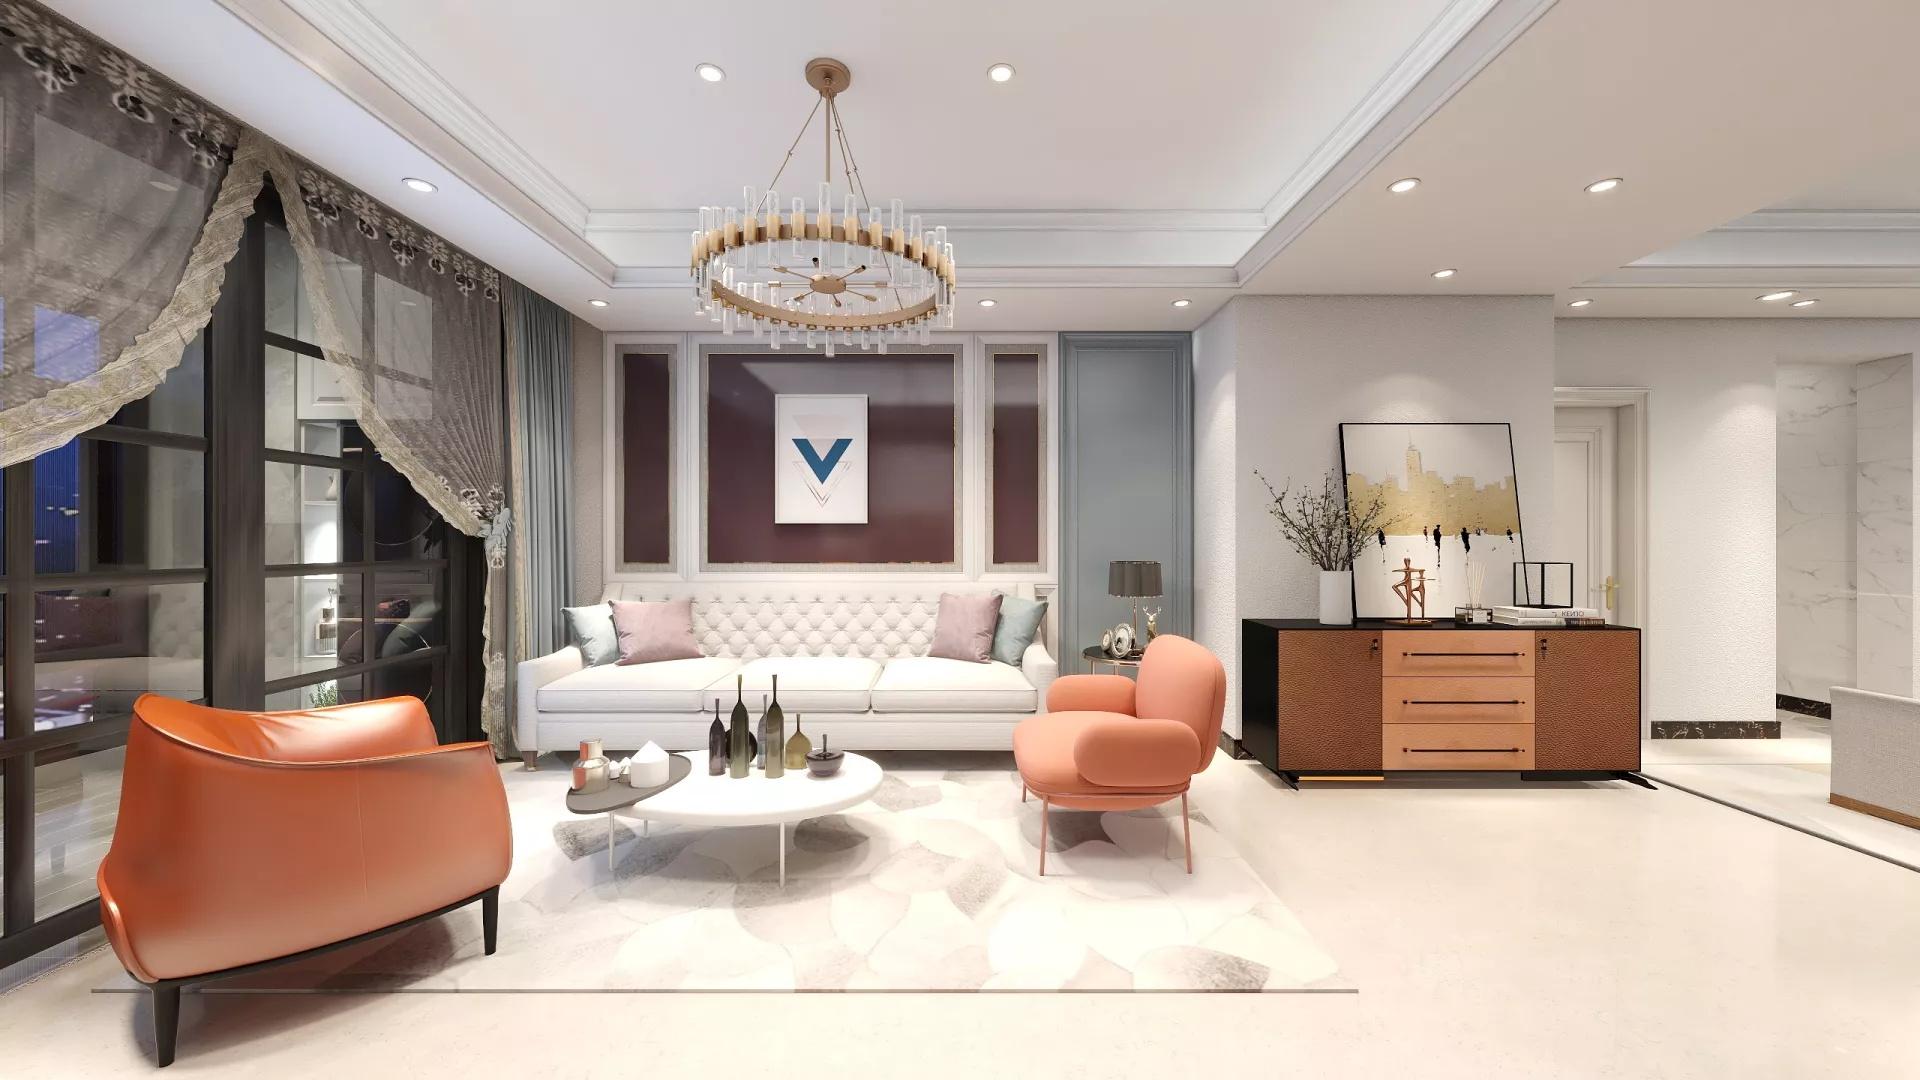 简约舒适风格室内家居设计